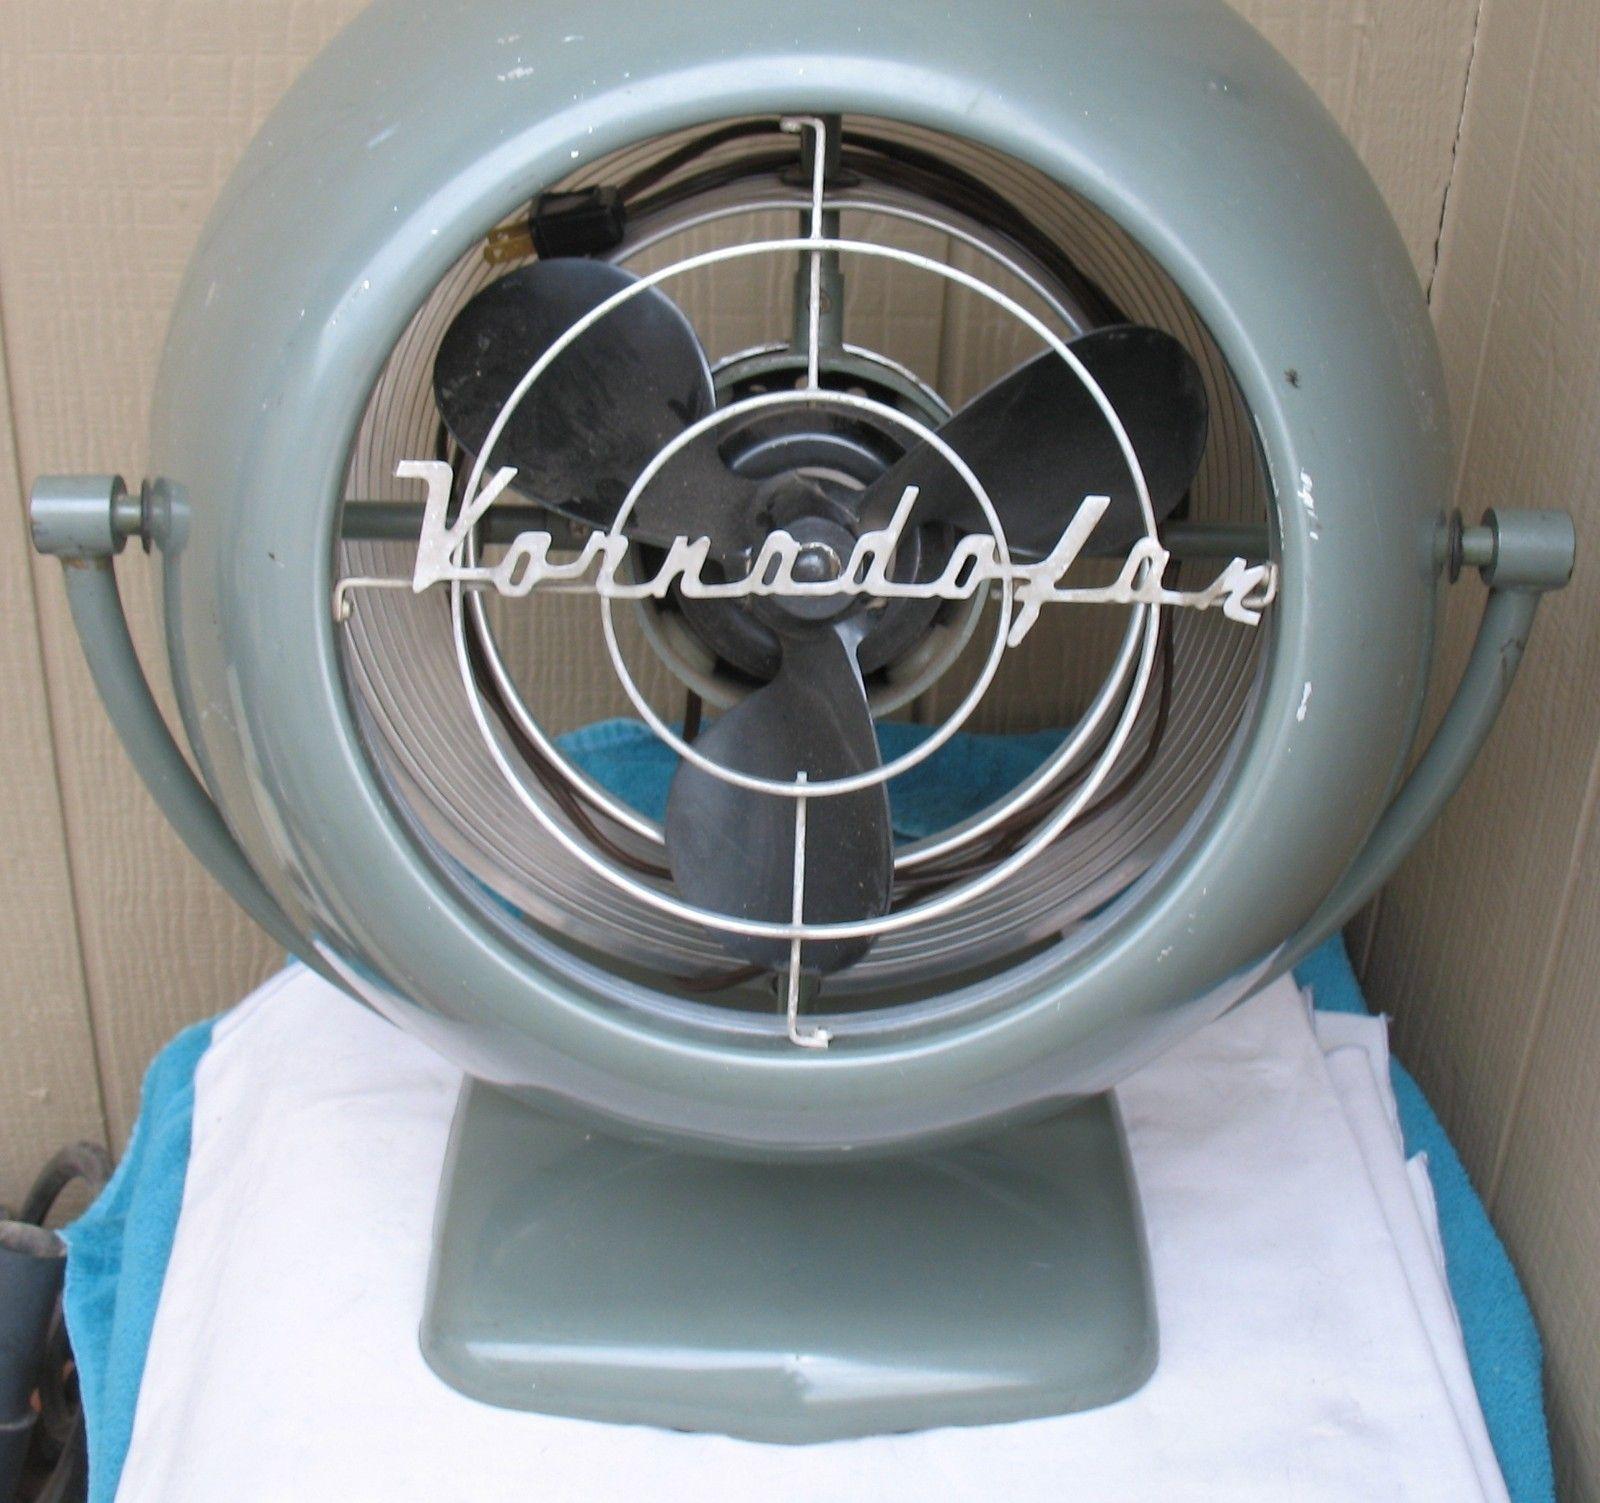 Vornado Fan Retro Machine Age 3 Sd